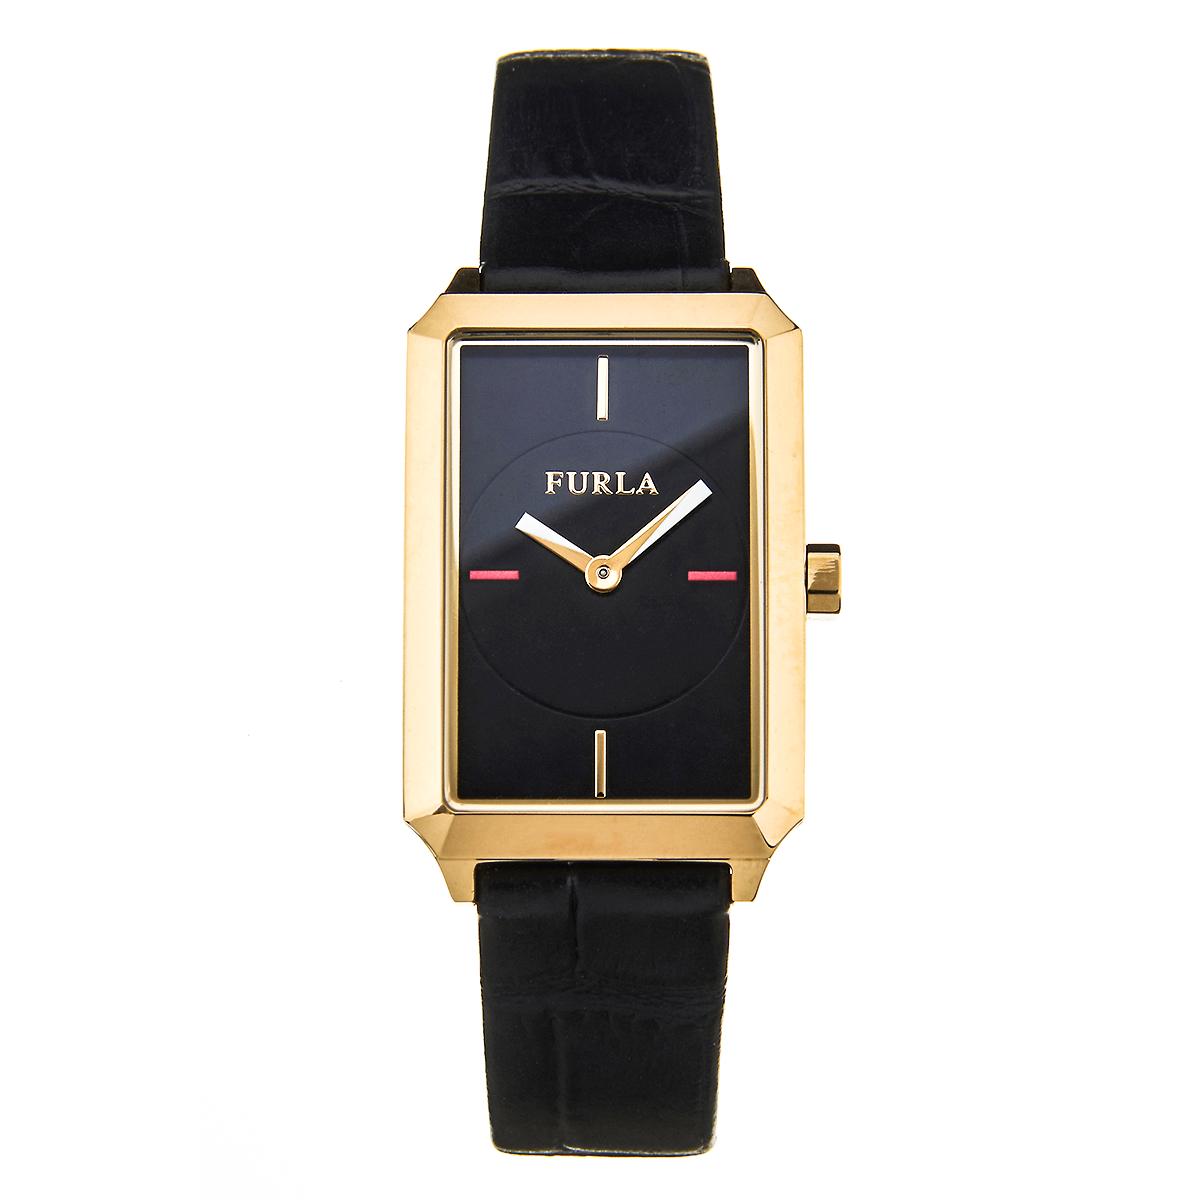 27bf94fc13fe フルラ FURLA 腕時計 レディース DIANA (ディアーナ)イエローゴールドブラック R4251104502-レディース腕時計. 人気商品!!